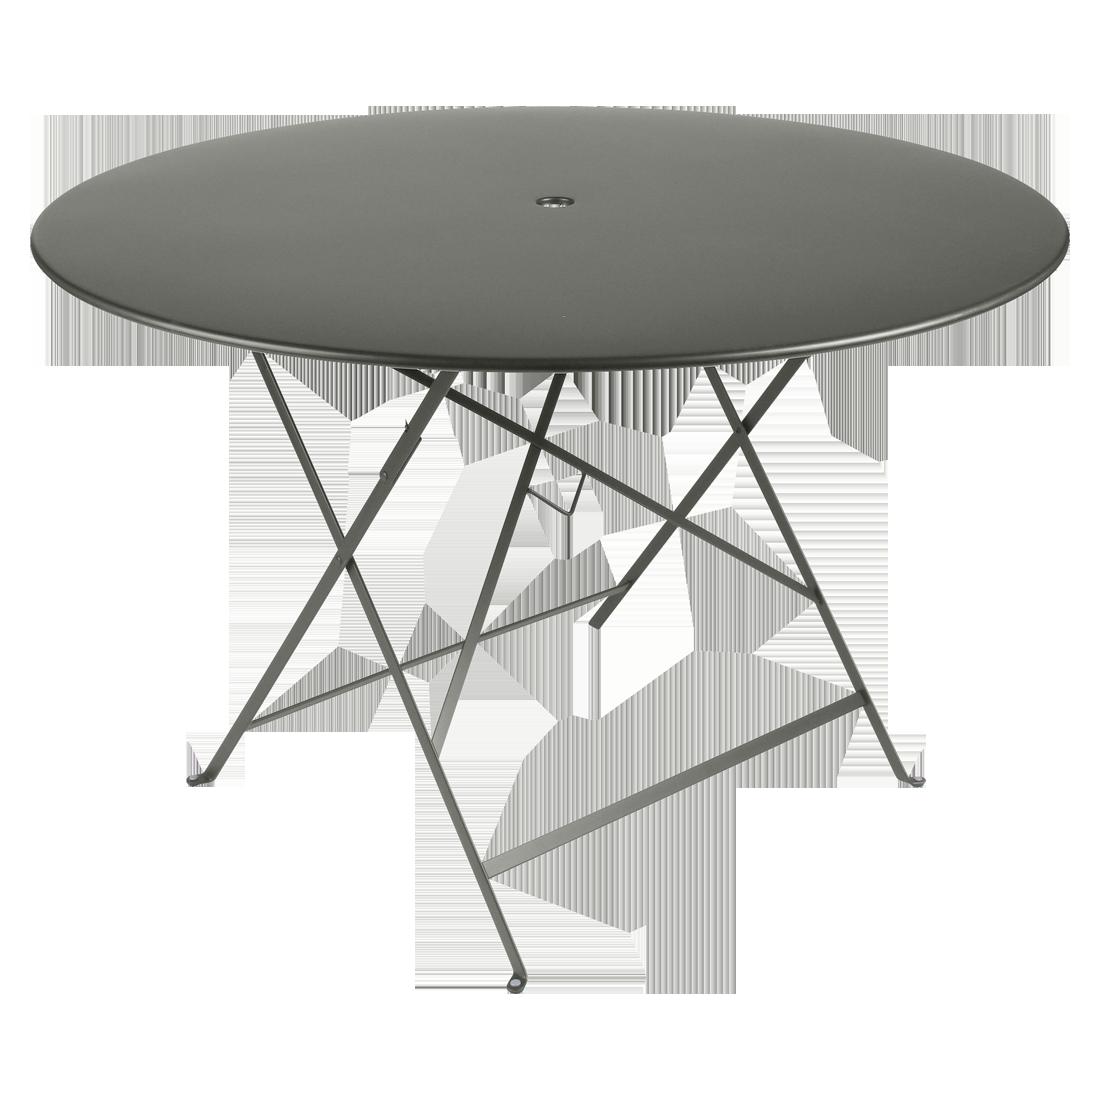 Table Bistro ronde 117 cm, table de jardin, table ronde jardin